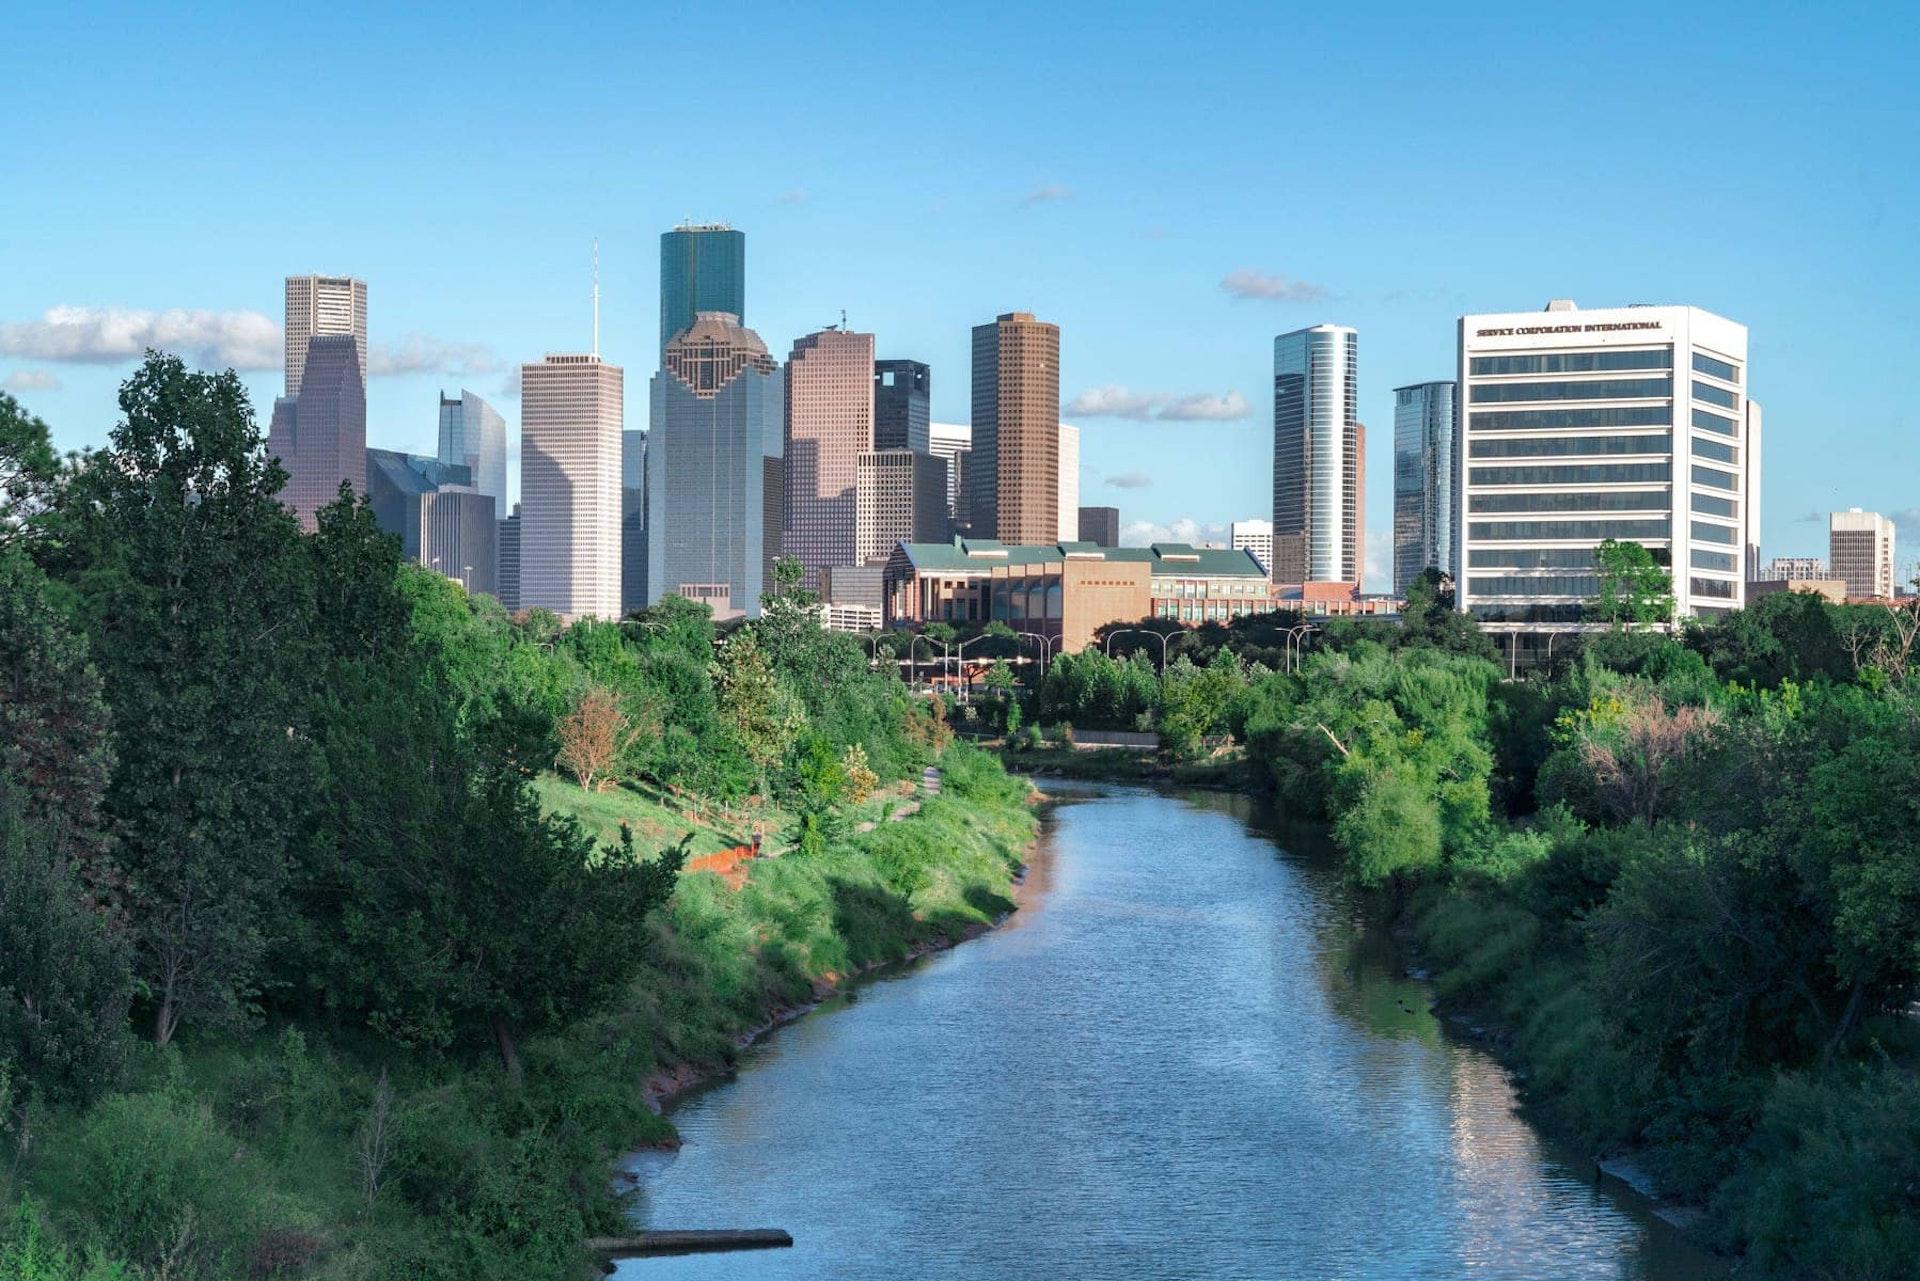 Houston Buffalo Bayou Park City view